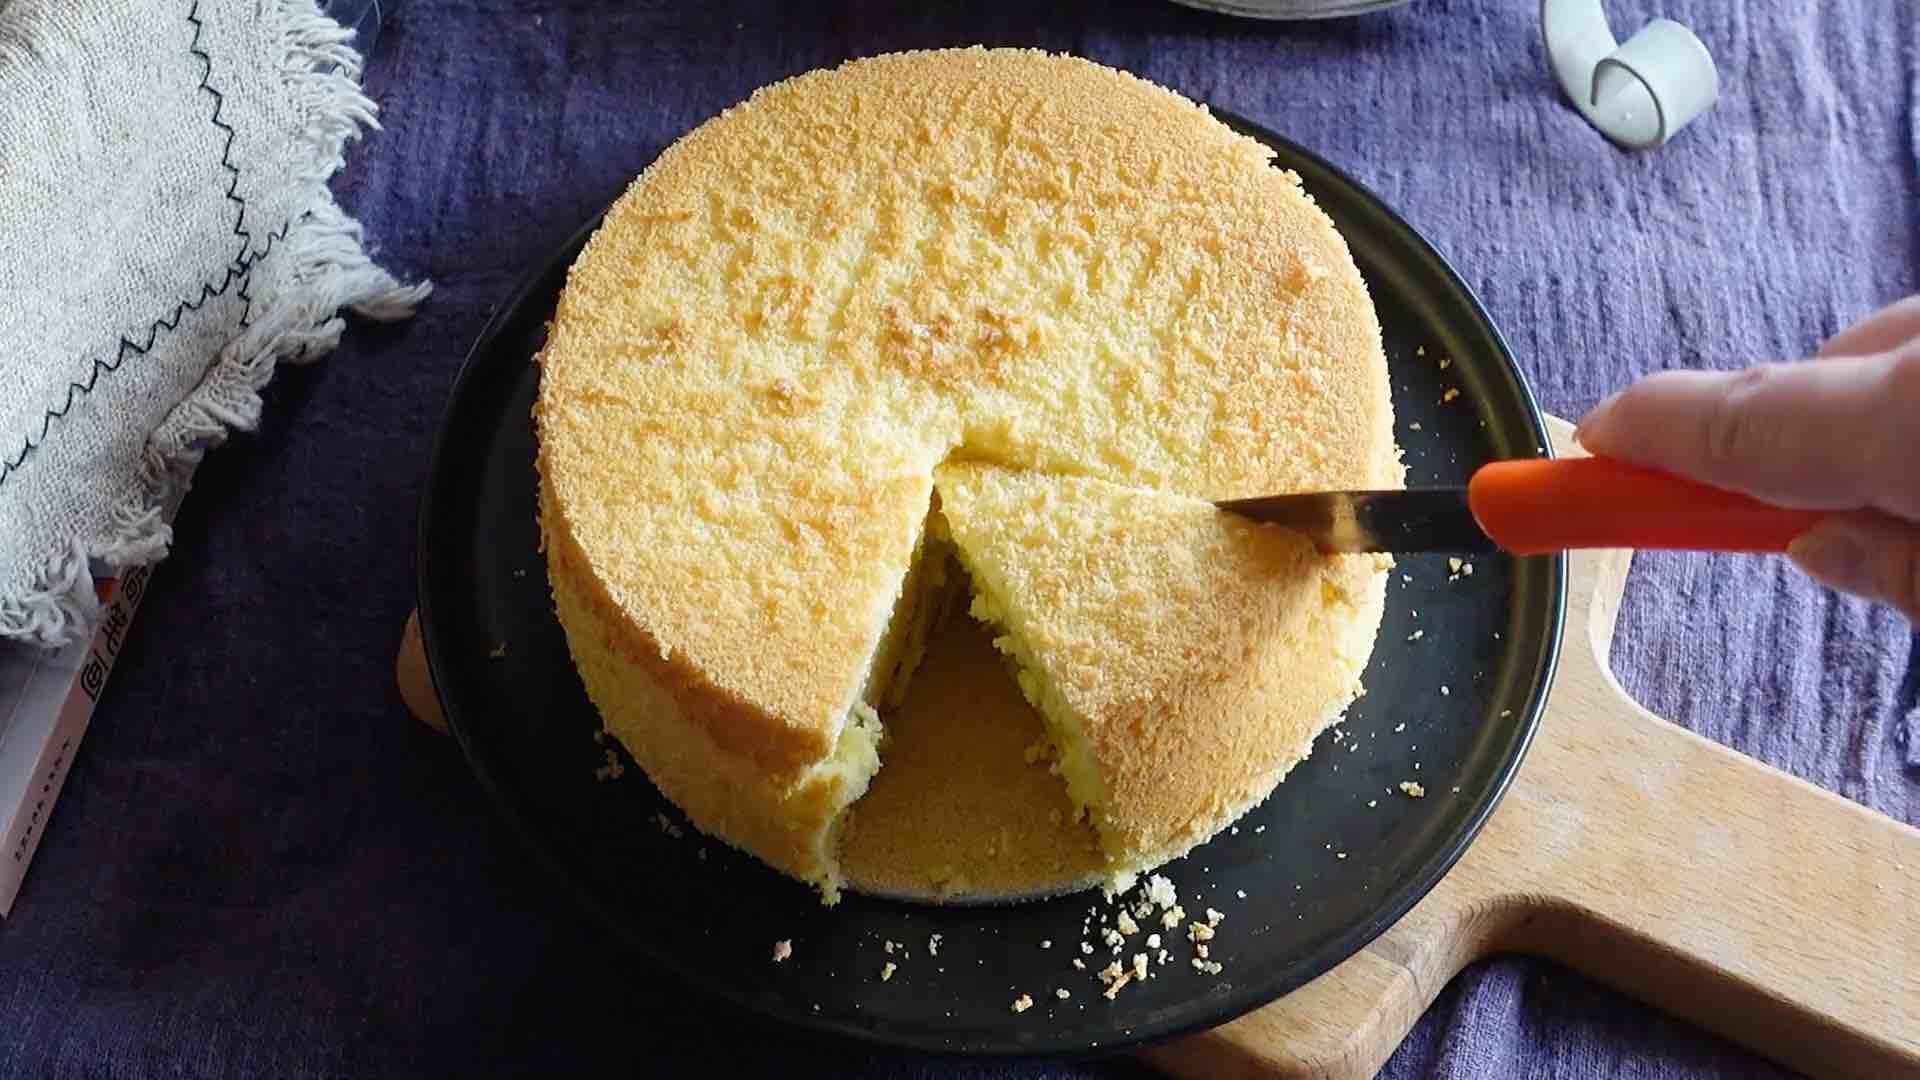 戚风蛋糕不用买,教你在家做,松软香甜不塌陷的做法